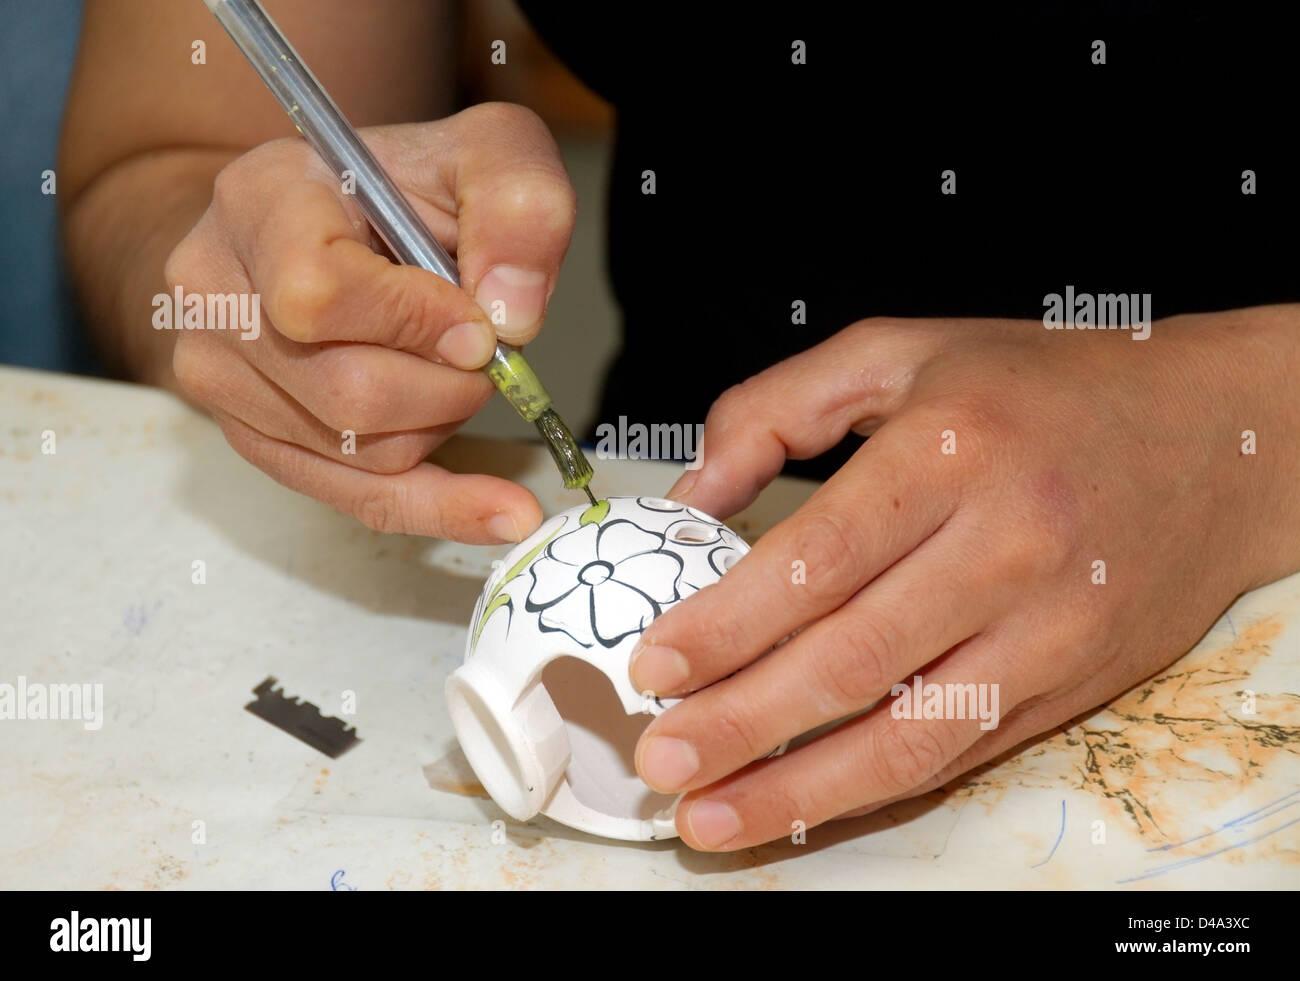 Potter, Malerei in einer Töpferei, Provinz Muğla, Türkei Stockfoto